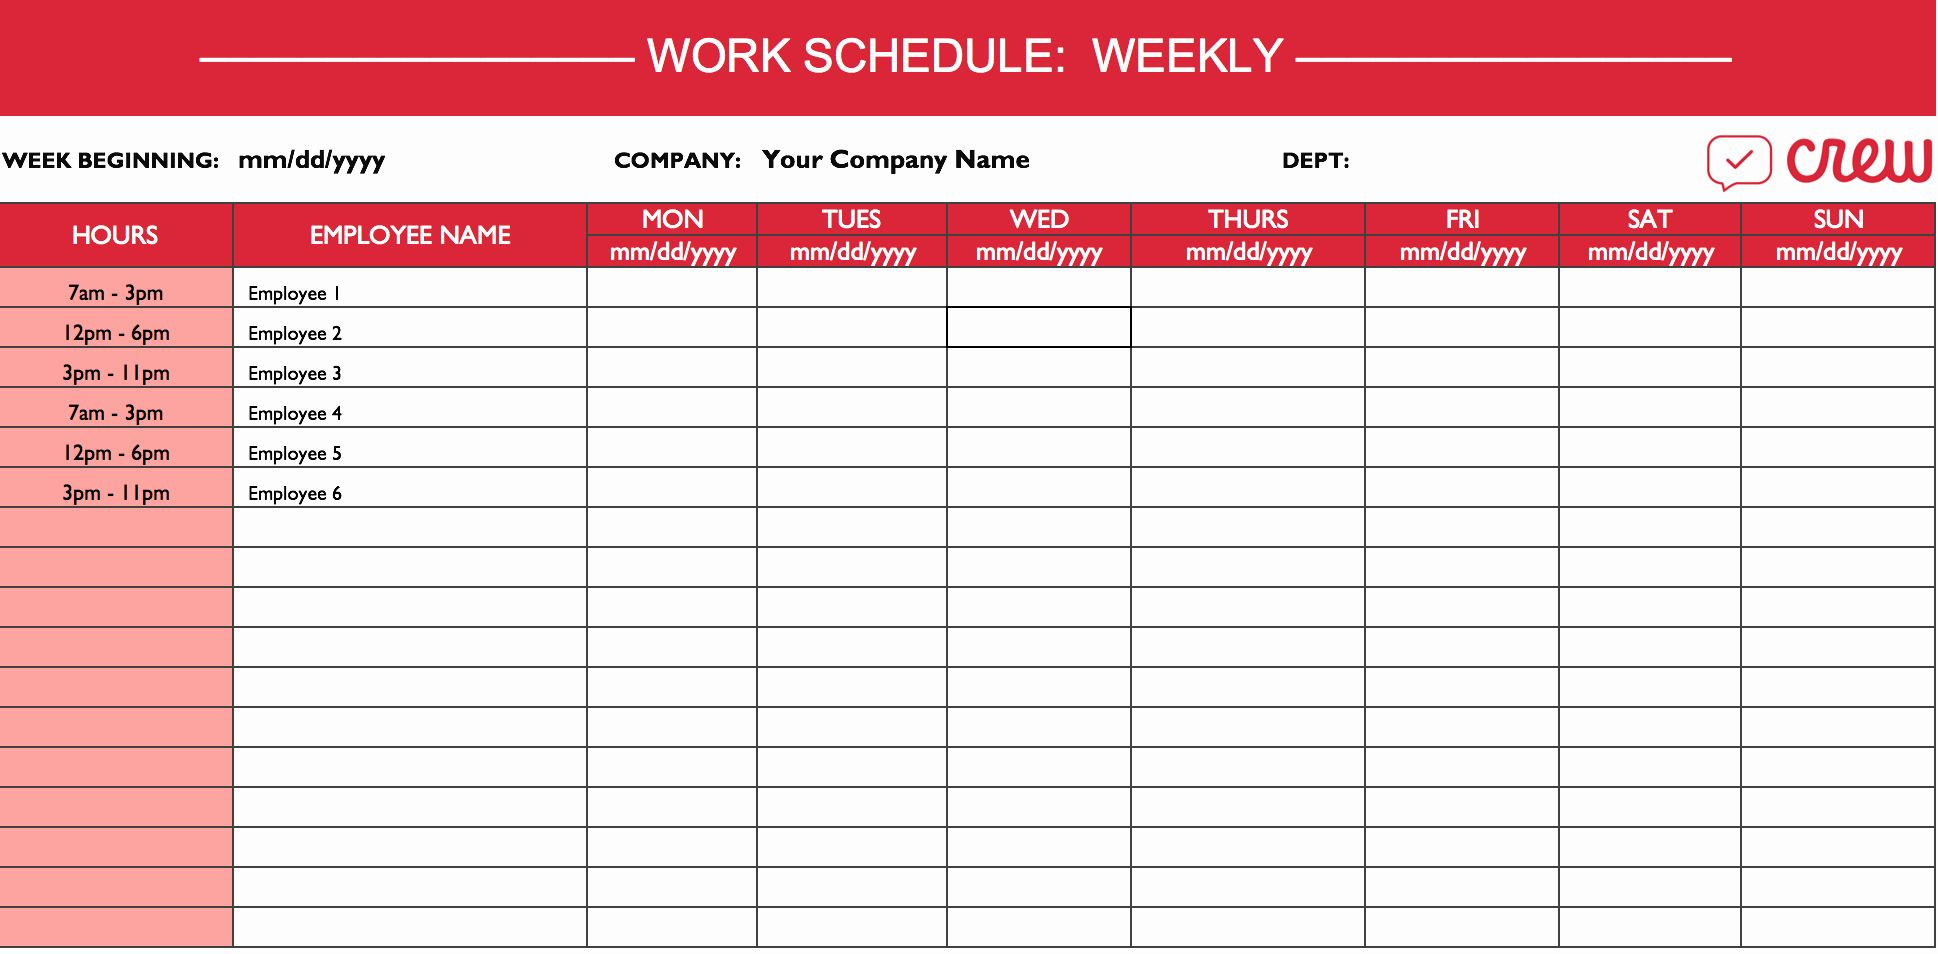 Excel Employee Schedule Template Unique Weekly Work Schedule